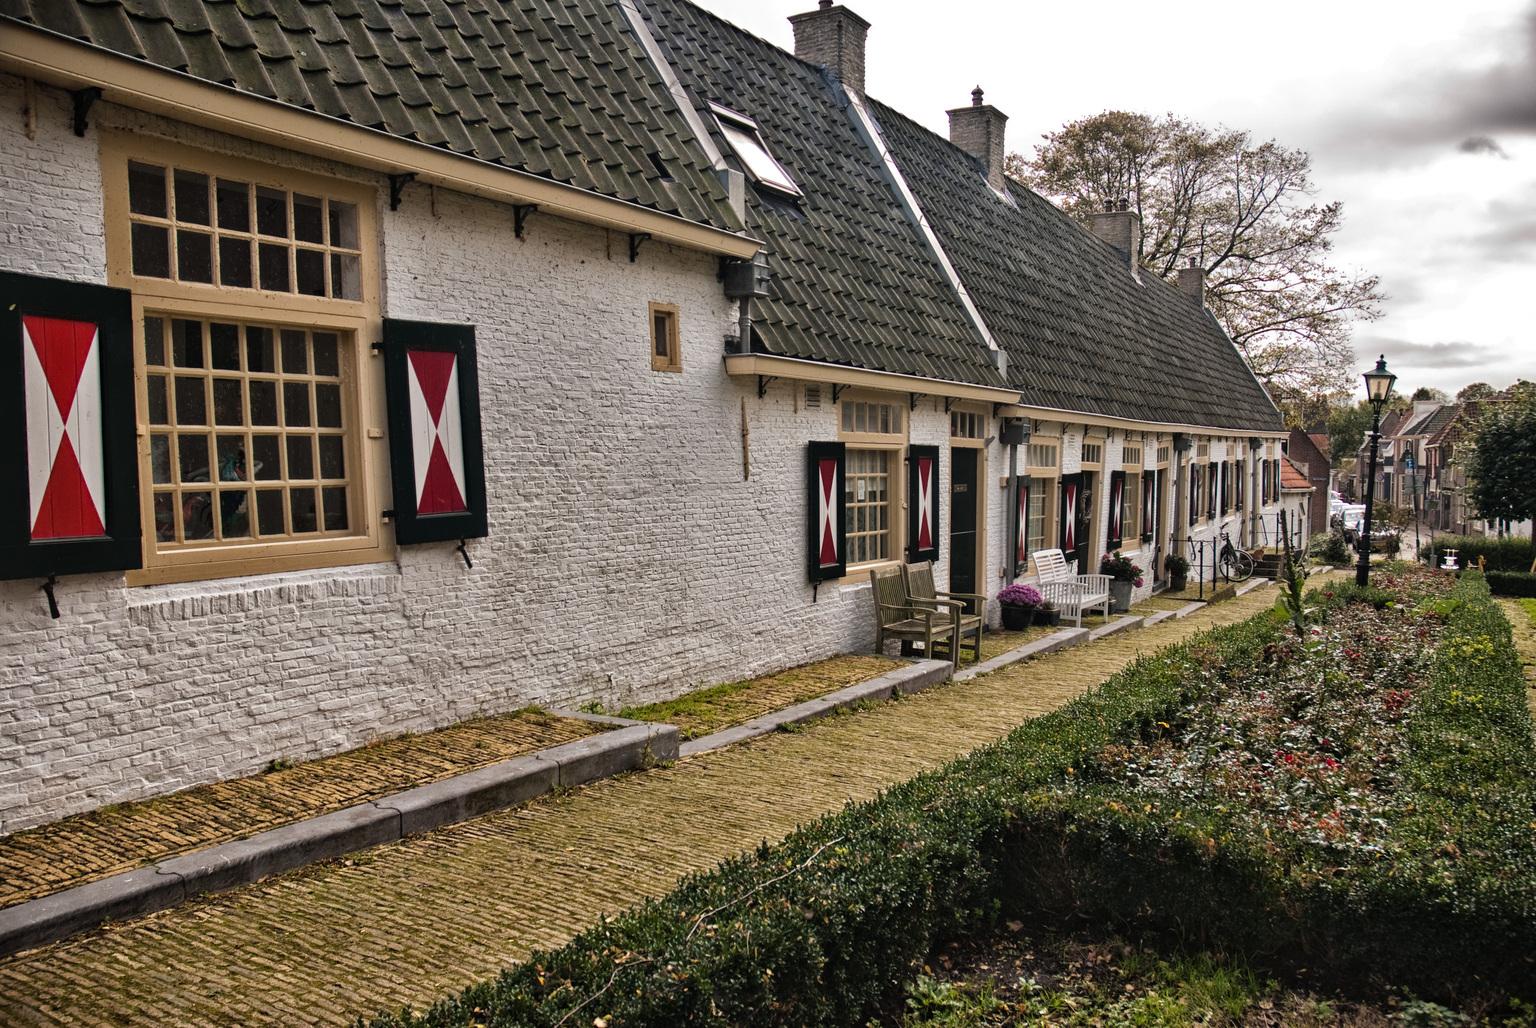 hofje - Hofje in Medemblik - foto door joukevdveen op 11-04-2021 - locatie: 1671 Medemblik, Nederland - deze foto bevat: fabriek, gebouw, venster, eigendom, wolk, lucht, huis, boom, door, hout